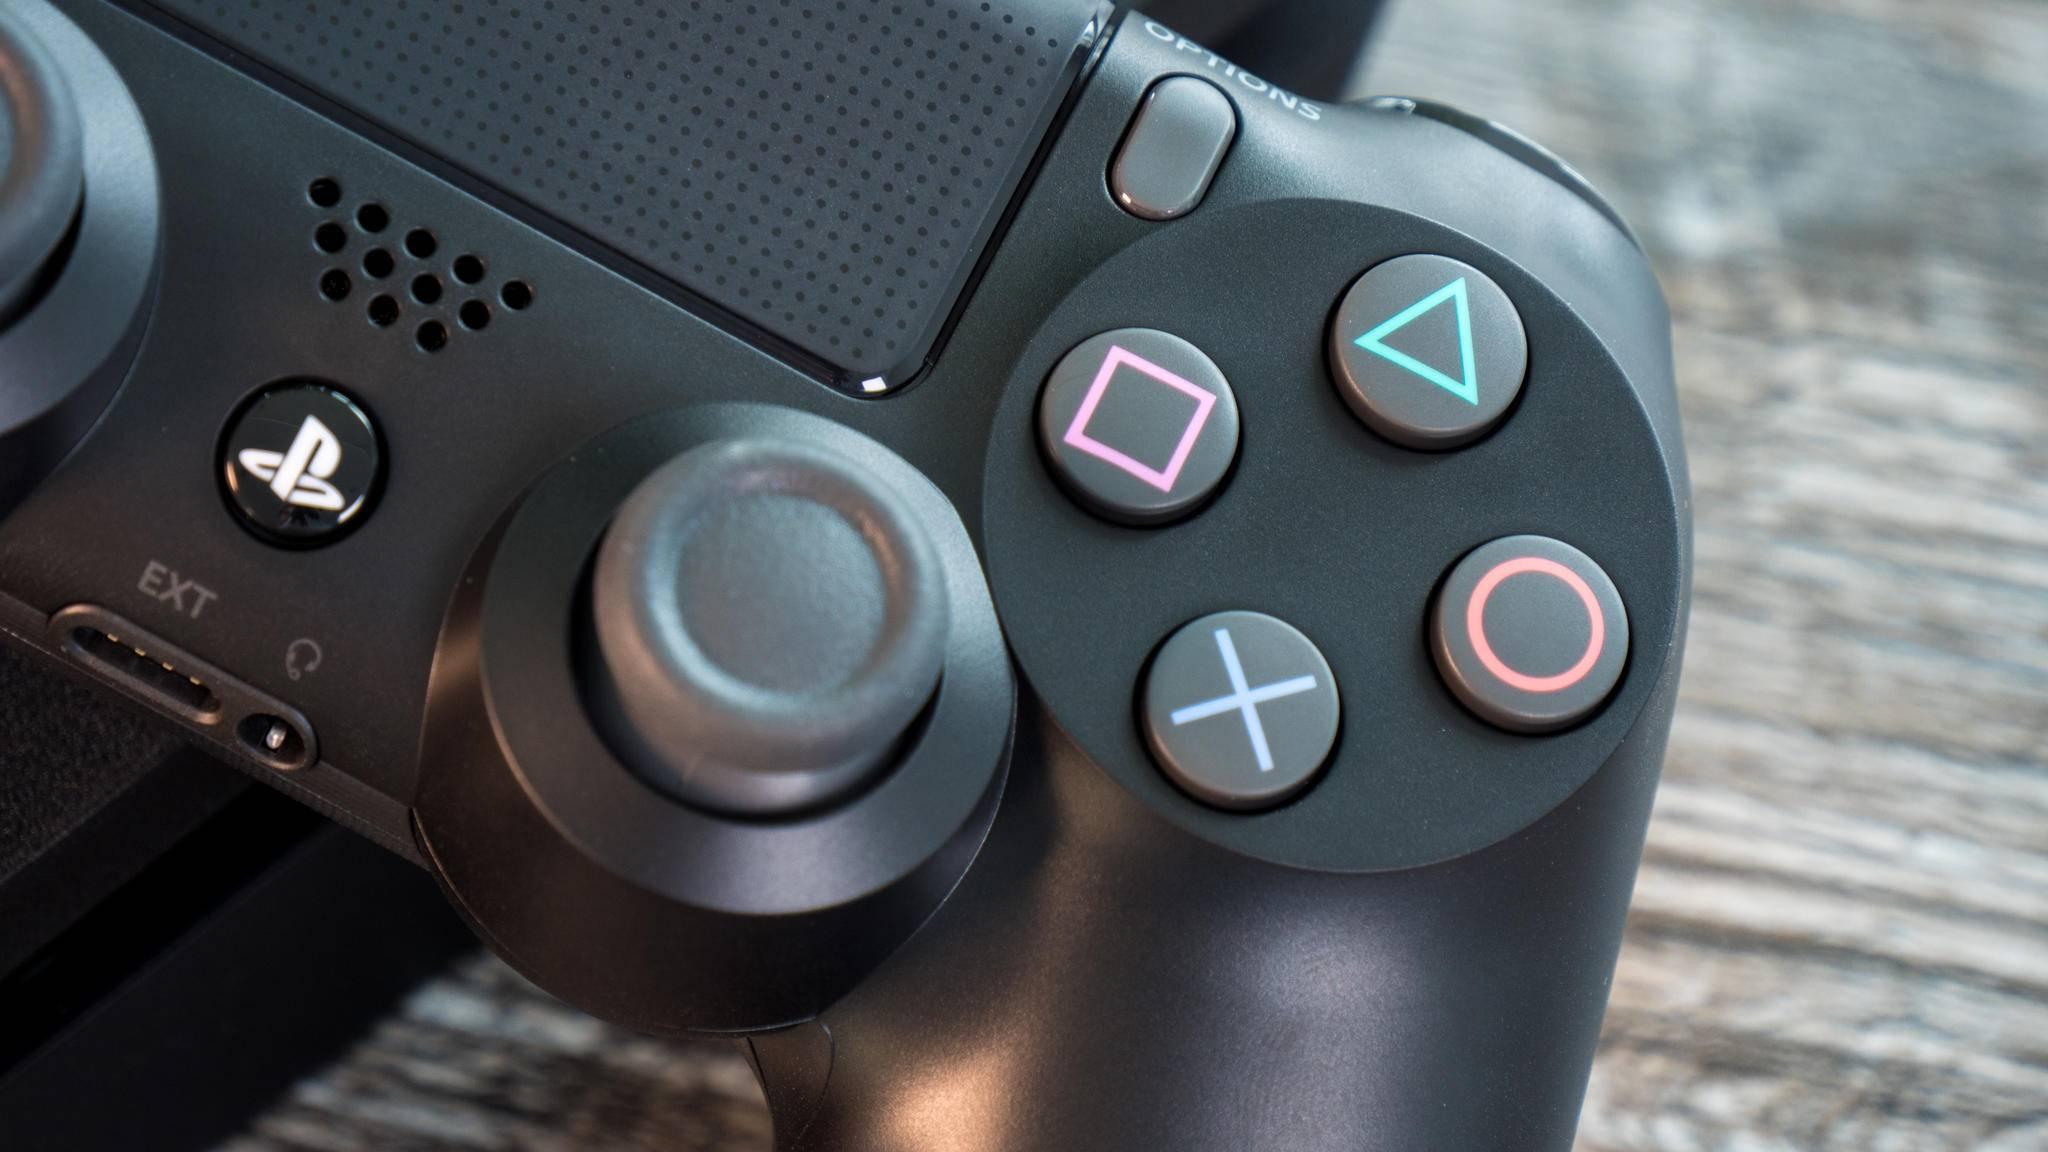 Noch regiert die PS4, aber die PS5 wirft allmählich ihre Schatten voraus...